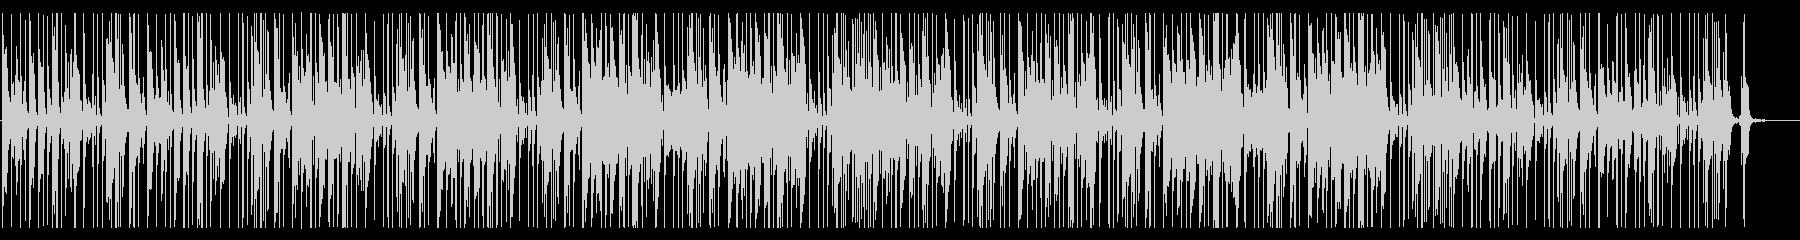 リズミカル 工場 ダンジョン ピアノの未再生の波形